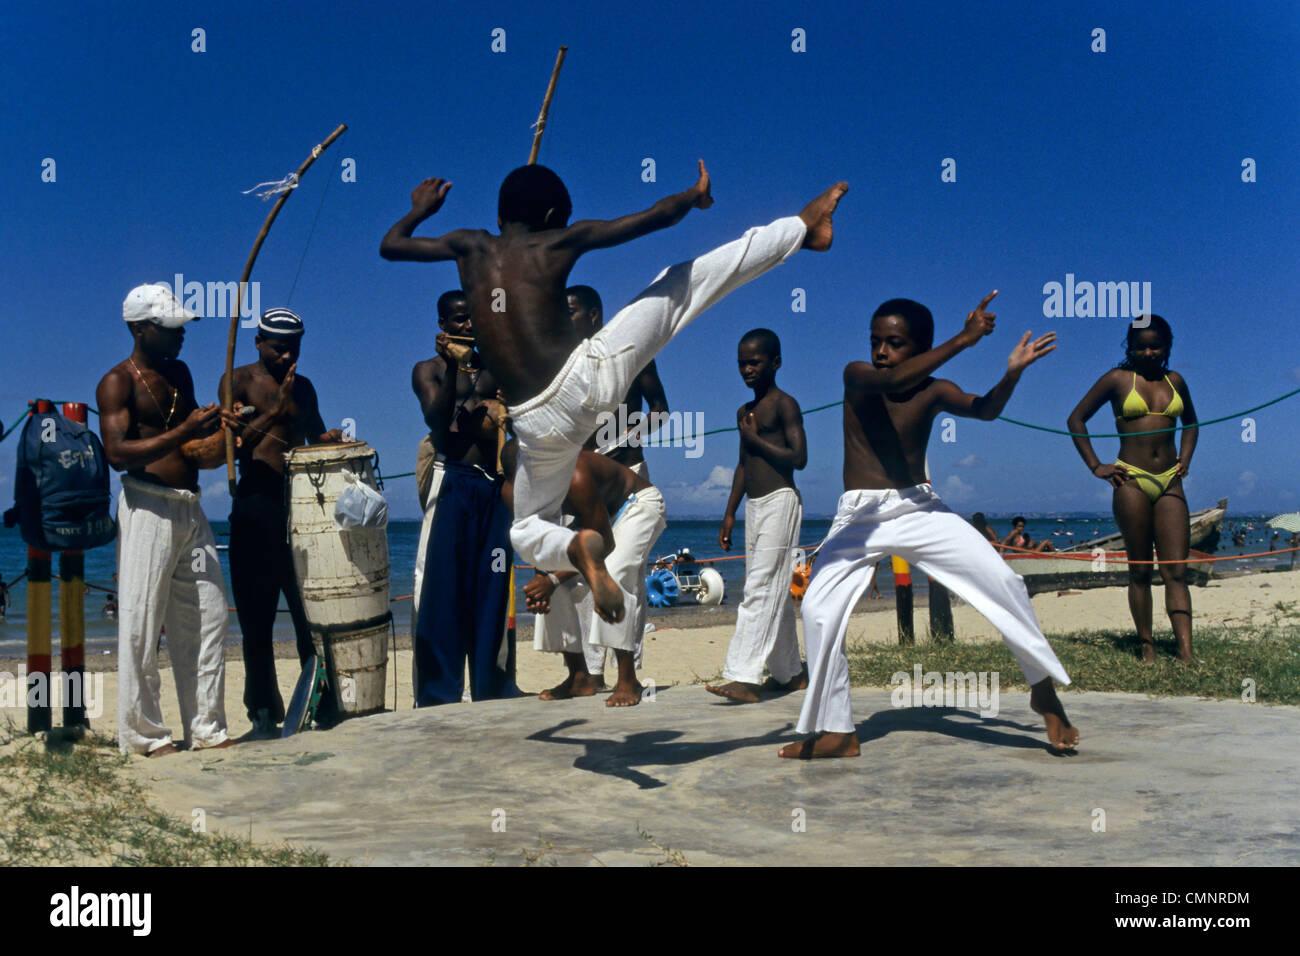 Brazilian martial arts movie